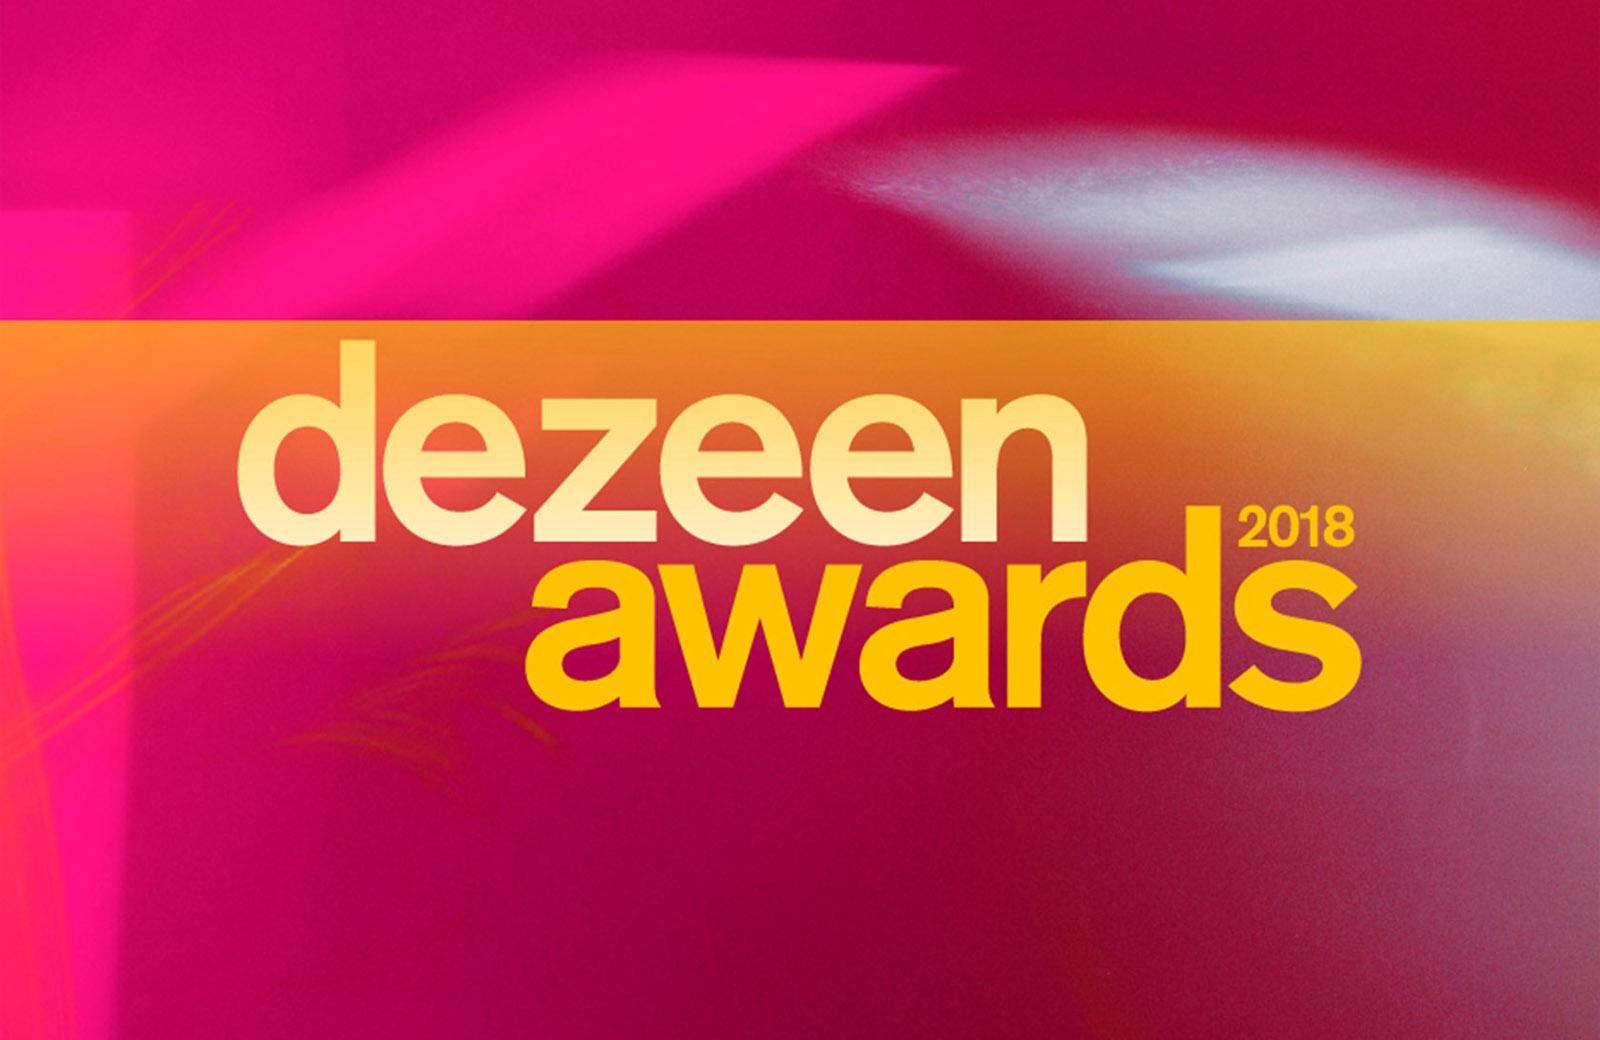 dezeen-awards-2018_01